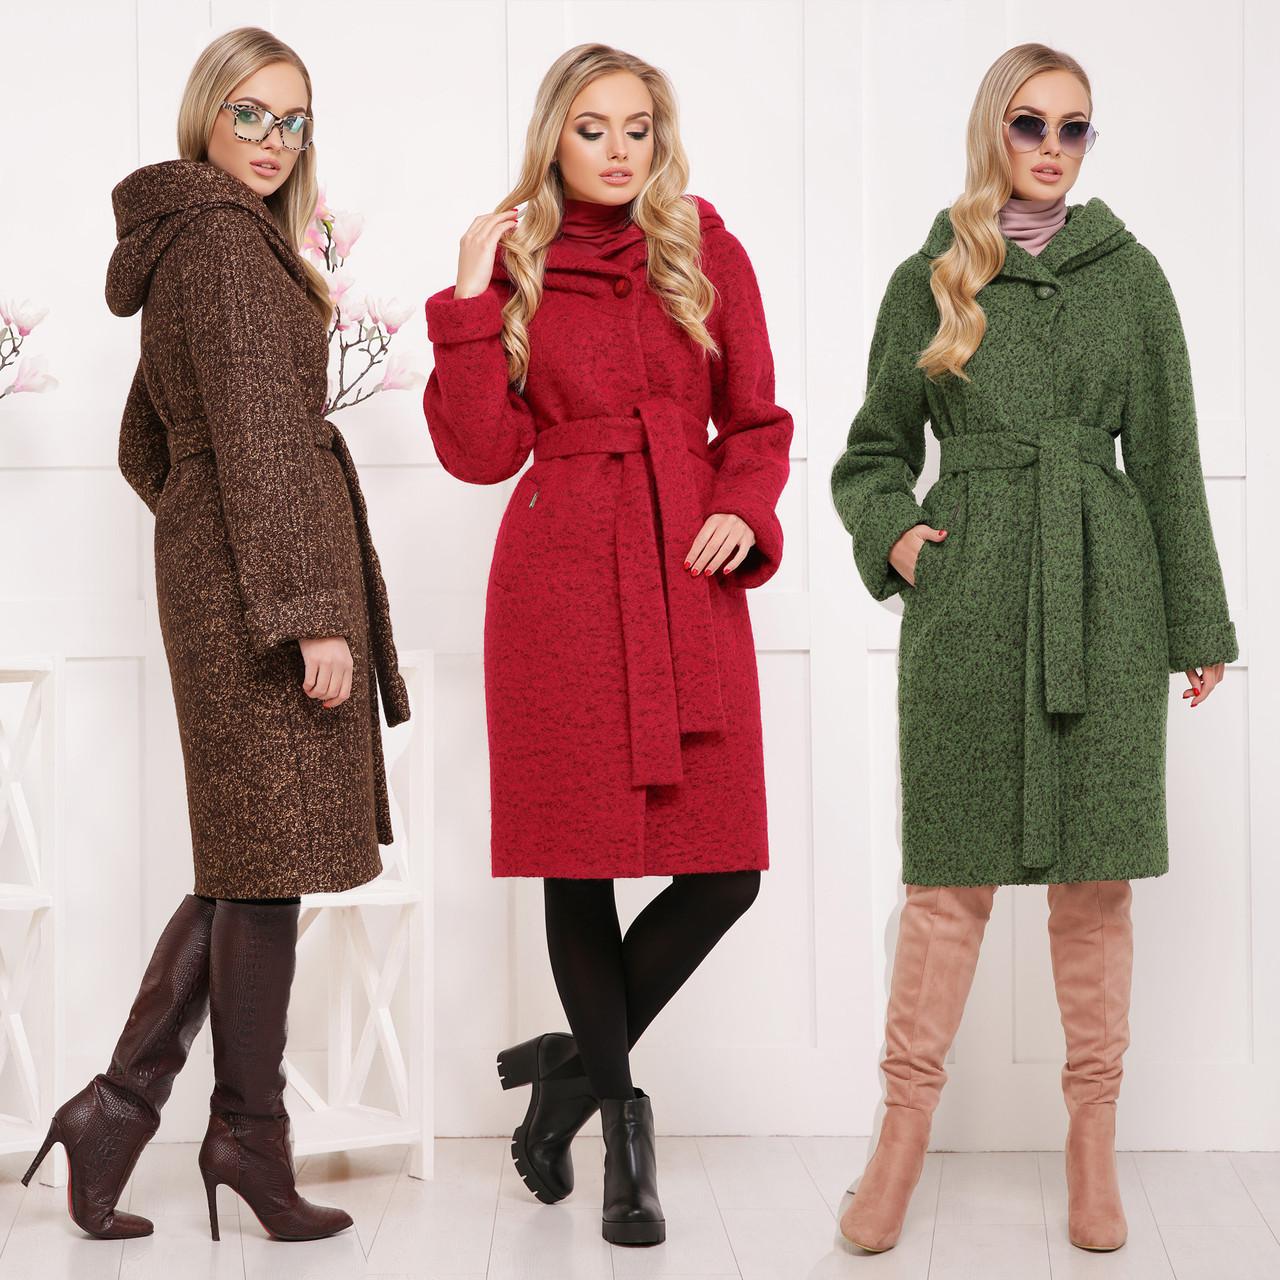 37ad1a883b6 Женское шерстяное пальто ниже колена с капюшоном и поясом -  Интернет-магазин